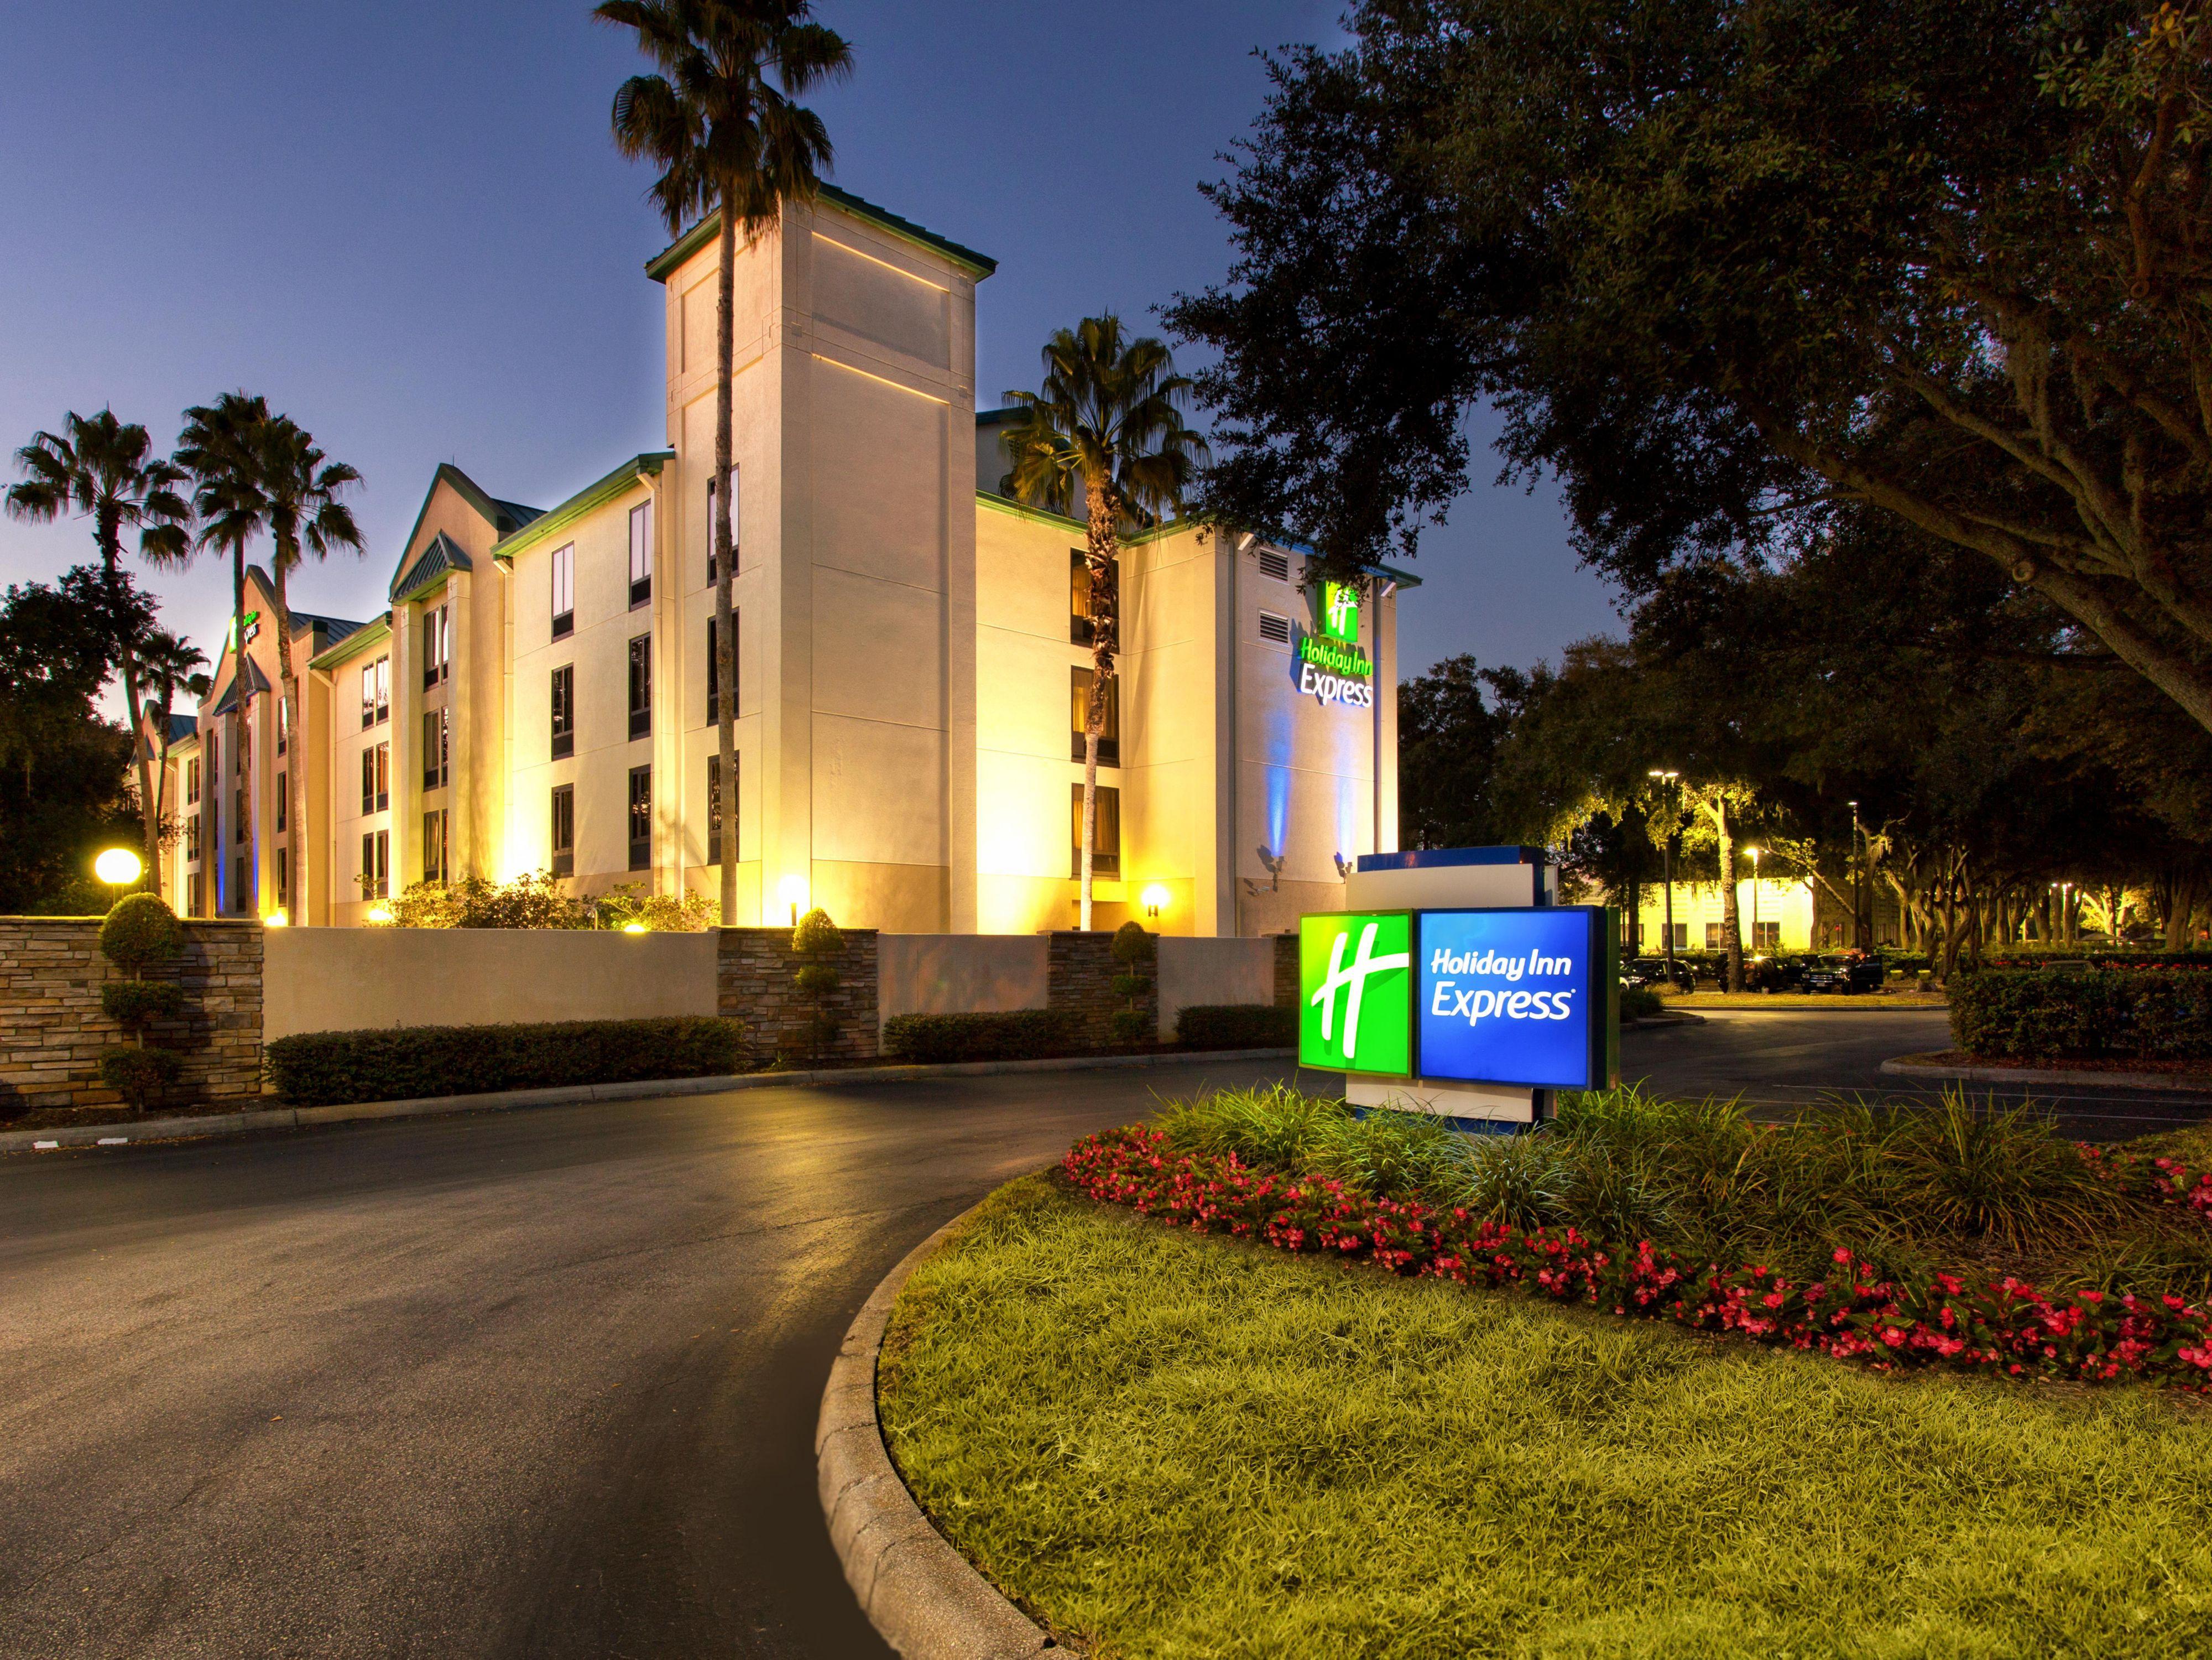 Holiday Inn Express Tampa